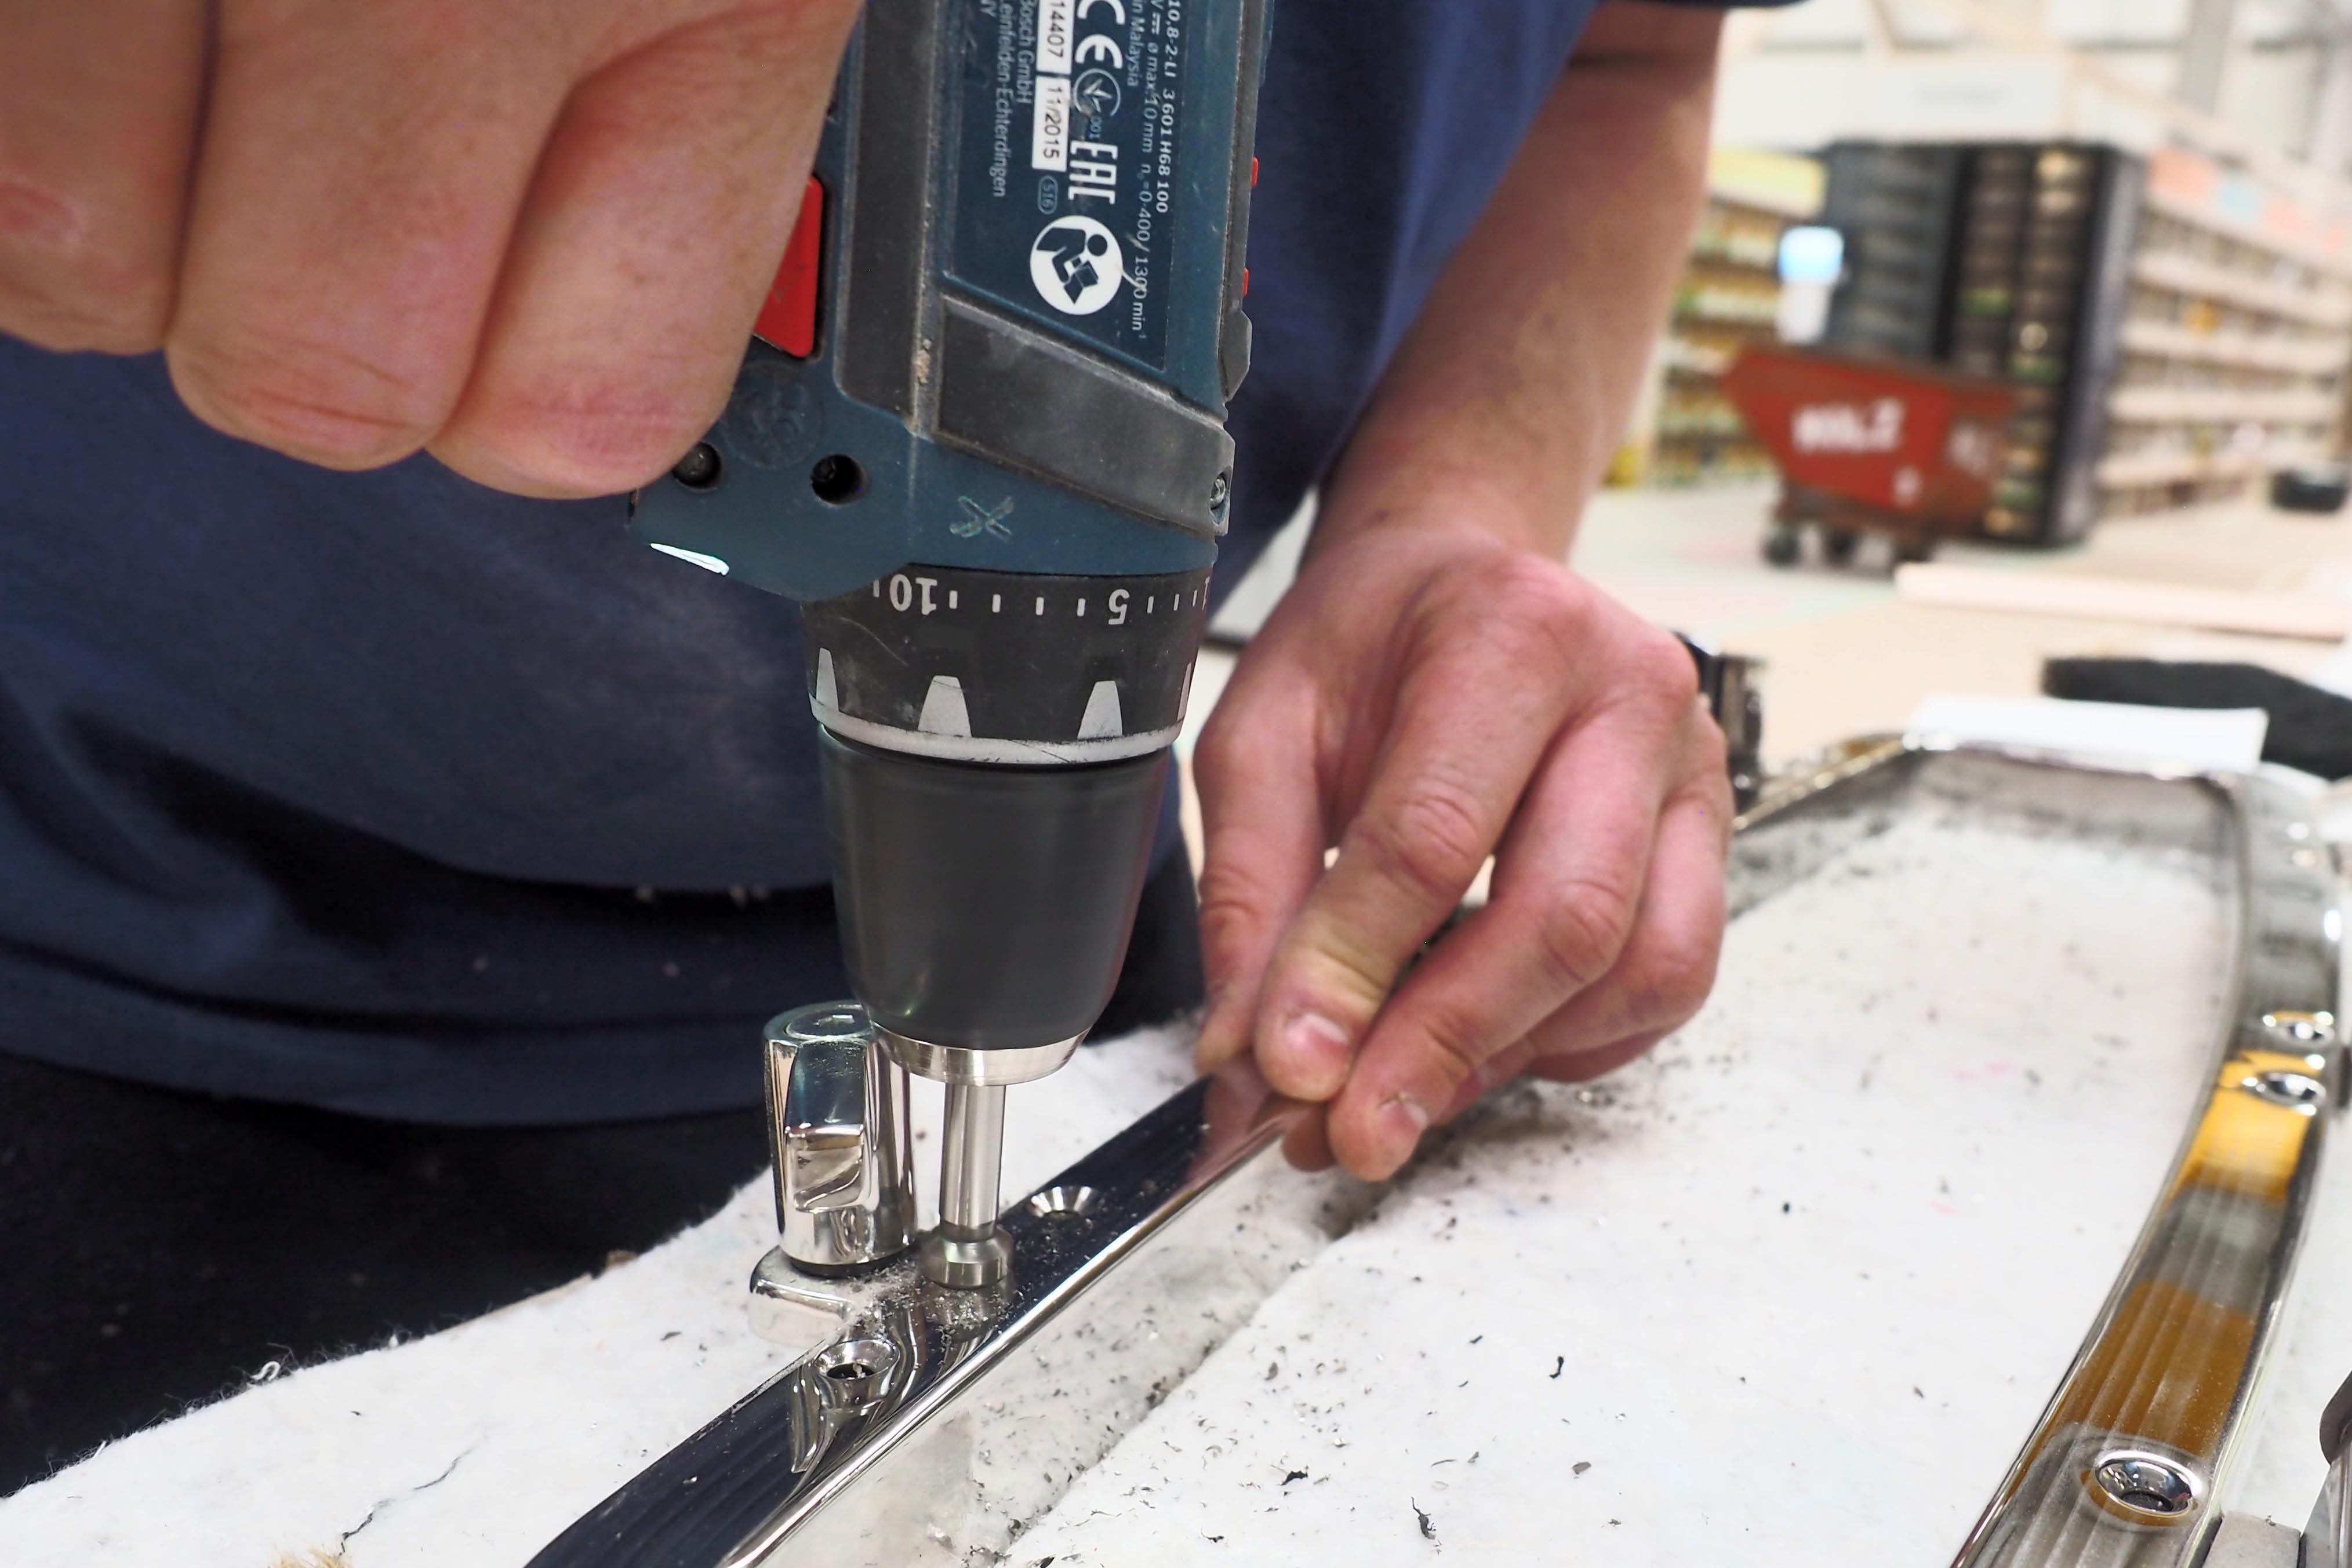 Von Hand: Trotz moderner Fertigung müssen viele Jobs noch von Hand erledigt werden, wie etwa die Bohrungen in einem Stahlrahmen für die Fenstermontage. Foto: Dieter Loibner